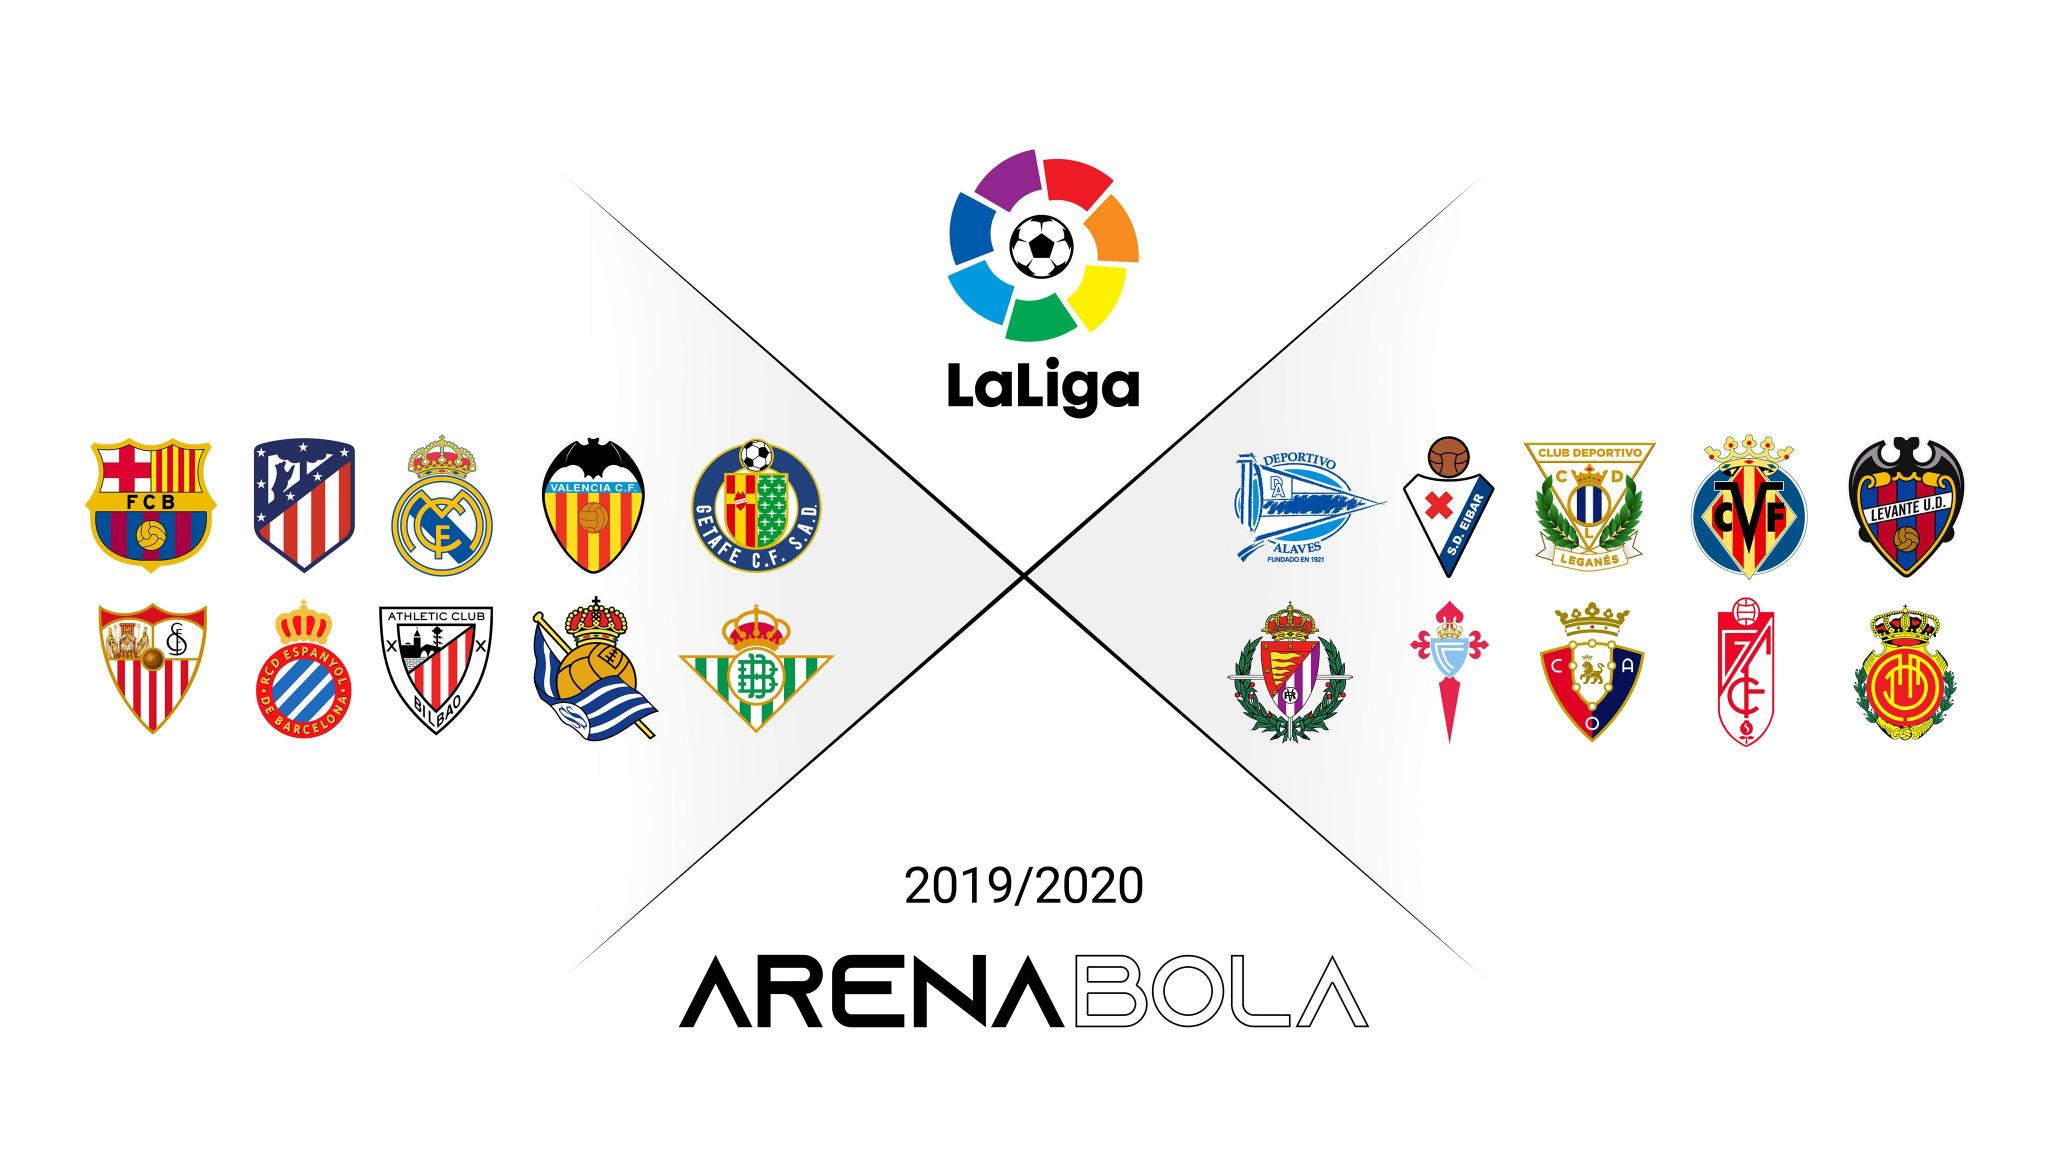 Jadwal Liga Spanyol Musim 2019/2020 Malam ini Terbaru